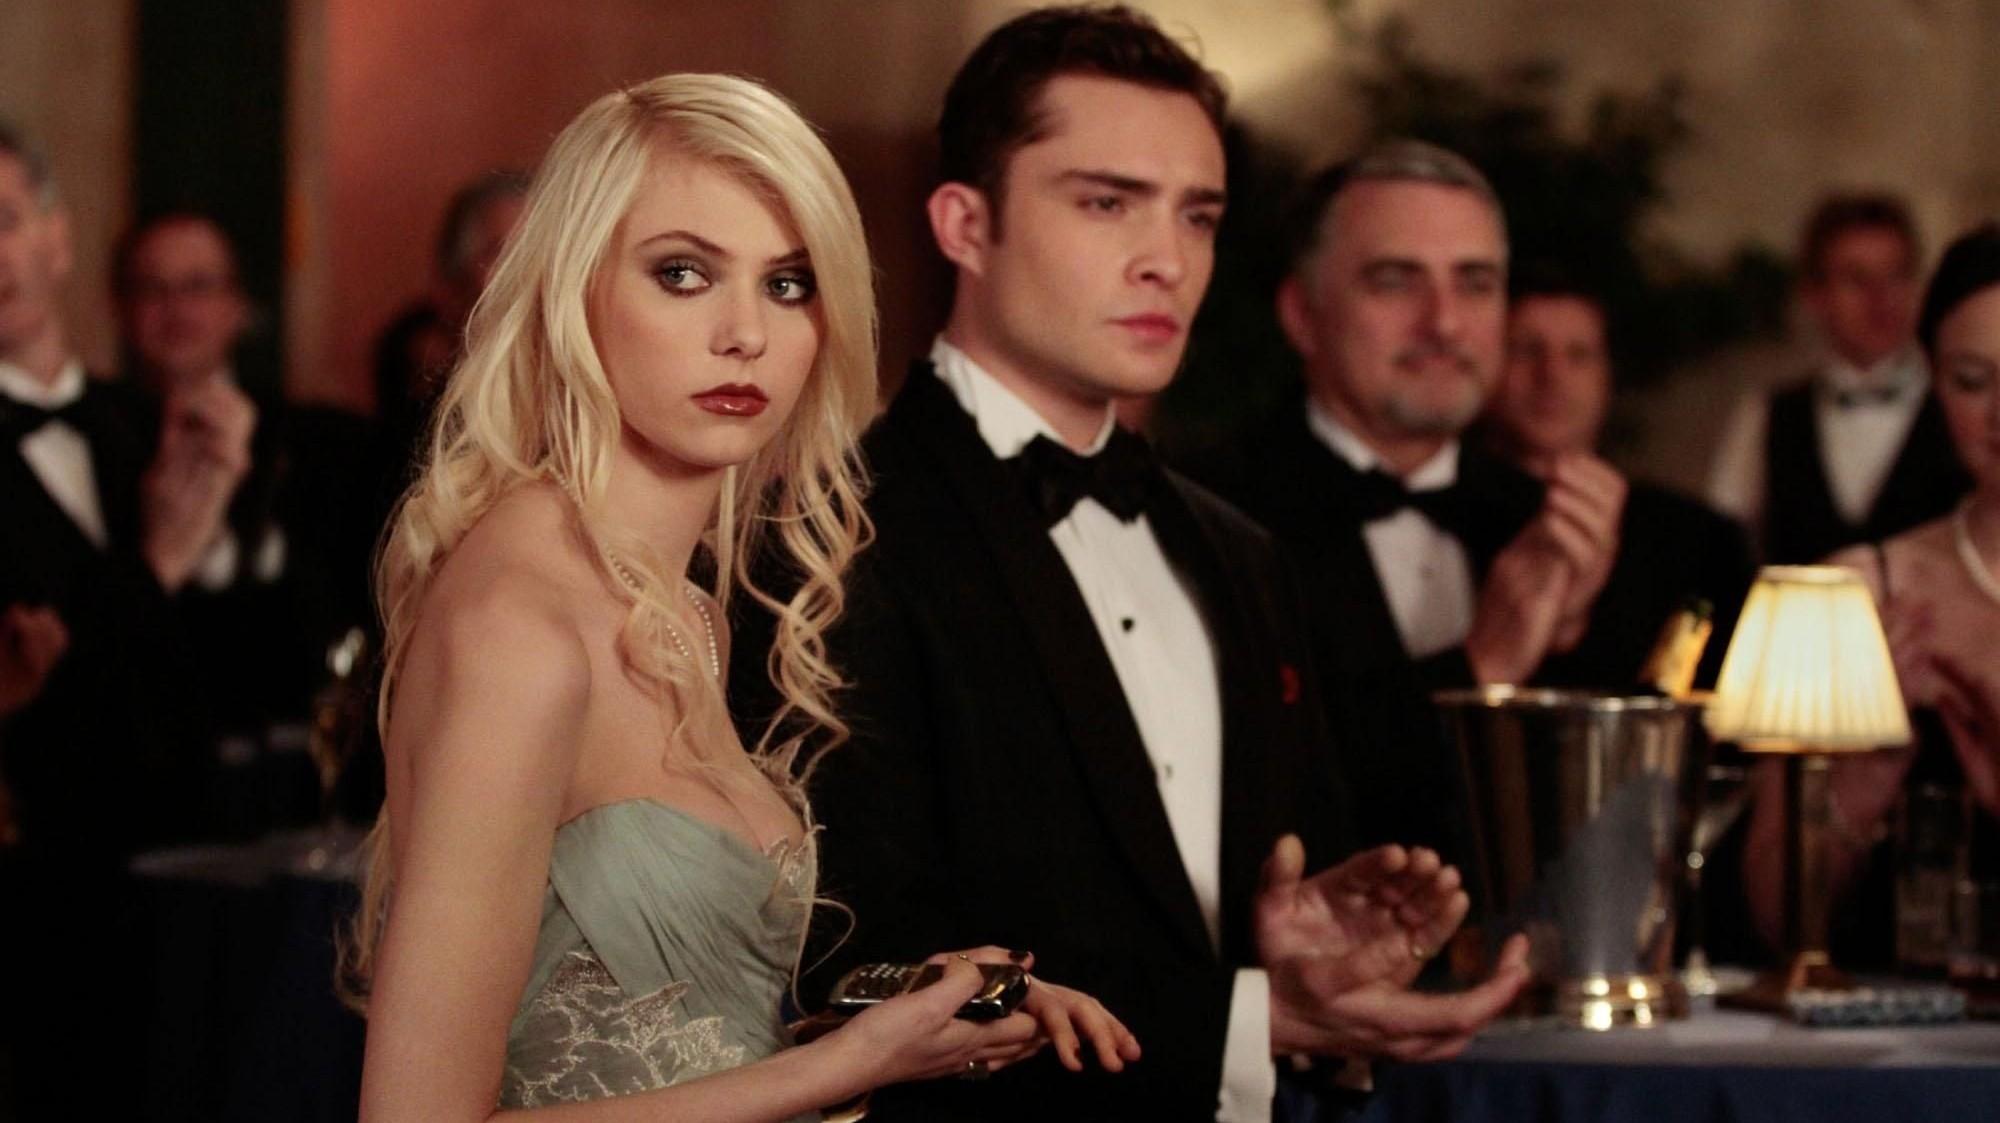 El remake de \'Gossip Girl\' debe confrontar la misoginia del show - i-D